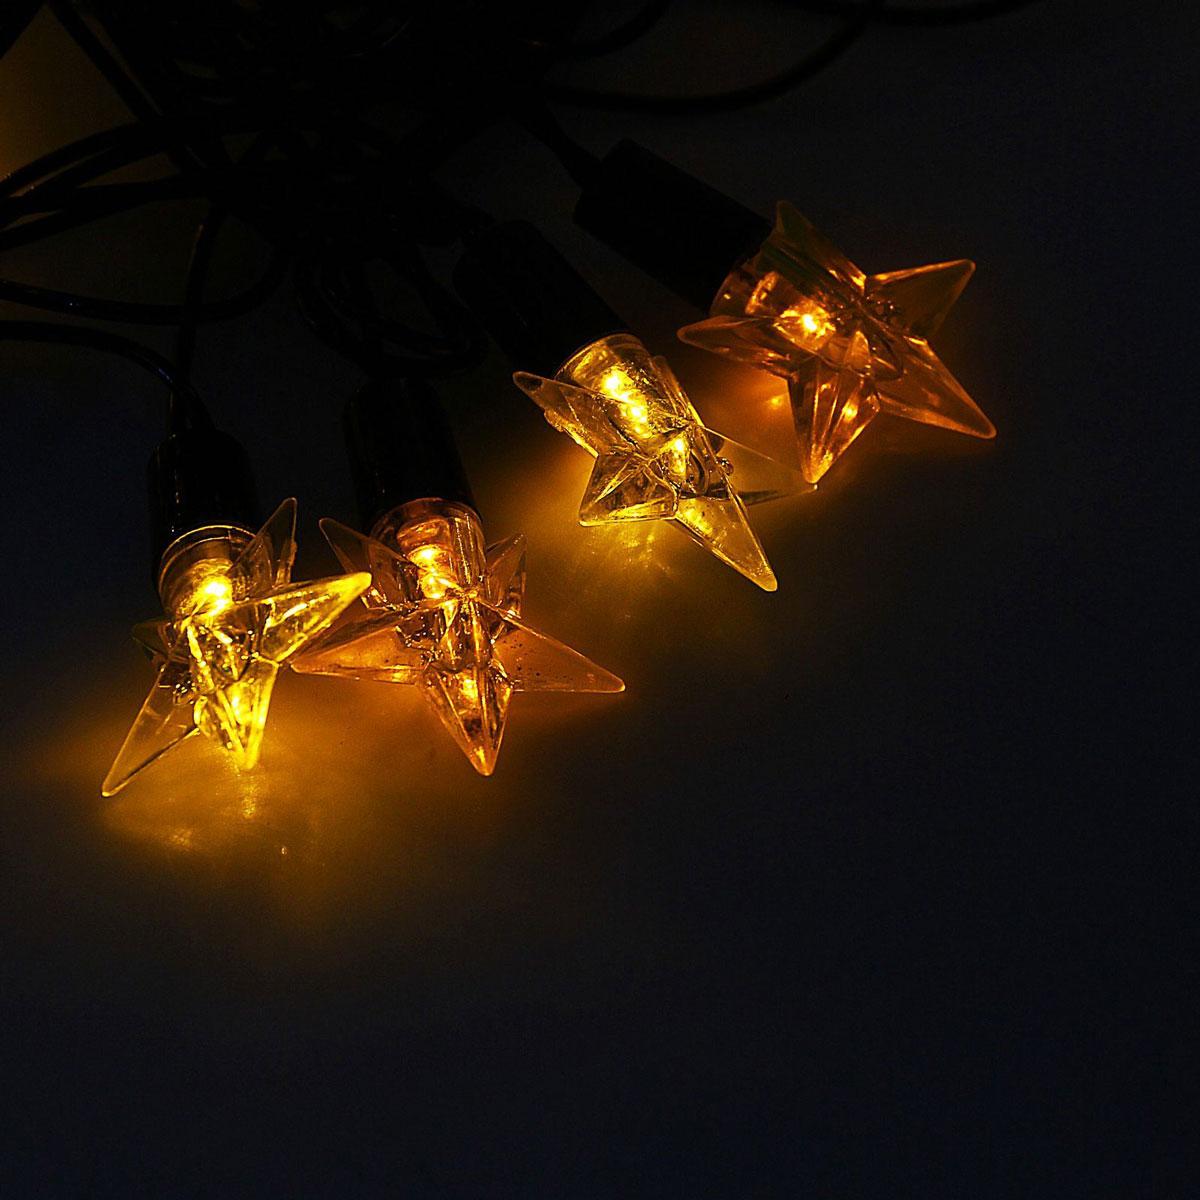 Гирлянда светодиодная Luazon Метраж. Звезда средняя, уличная с насадкой, 8 режимов, 40 ламп, 220 V, 5 м, цвет: желтый. 10801031080103Светодиодные гирлянды, ленты и т.д. — это отличный вариант для новогоднего оформления интерьера или фасада. С их помощью помещение любого размера можно превратить в праздничный зал, а внешние элементы зданий, украшенные ими, мгновенно станут напоминать очертания сказочного дворца. Такие украшения создают ауру предвкушения чуда. Деревья, фасады, витрины, окна и арки будто специально созданы, чтобы вы украсили их светящимися нитями.